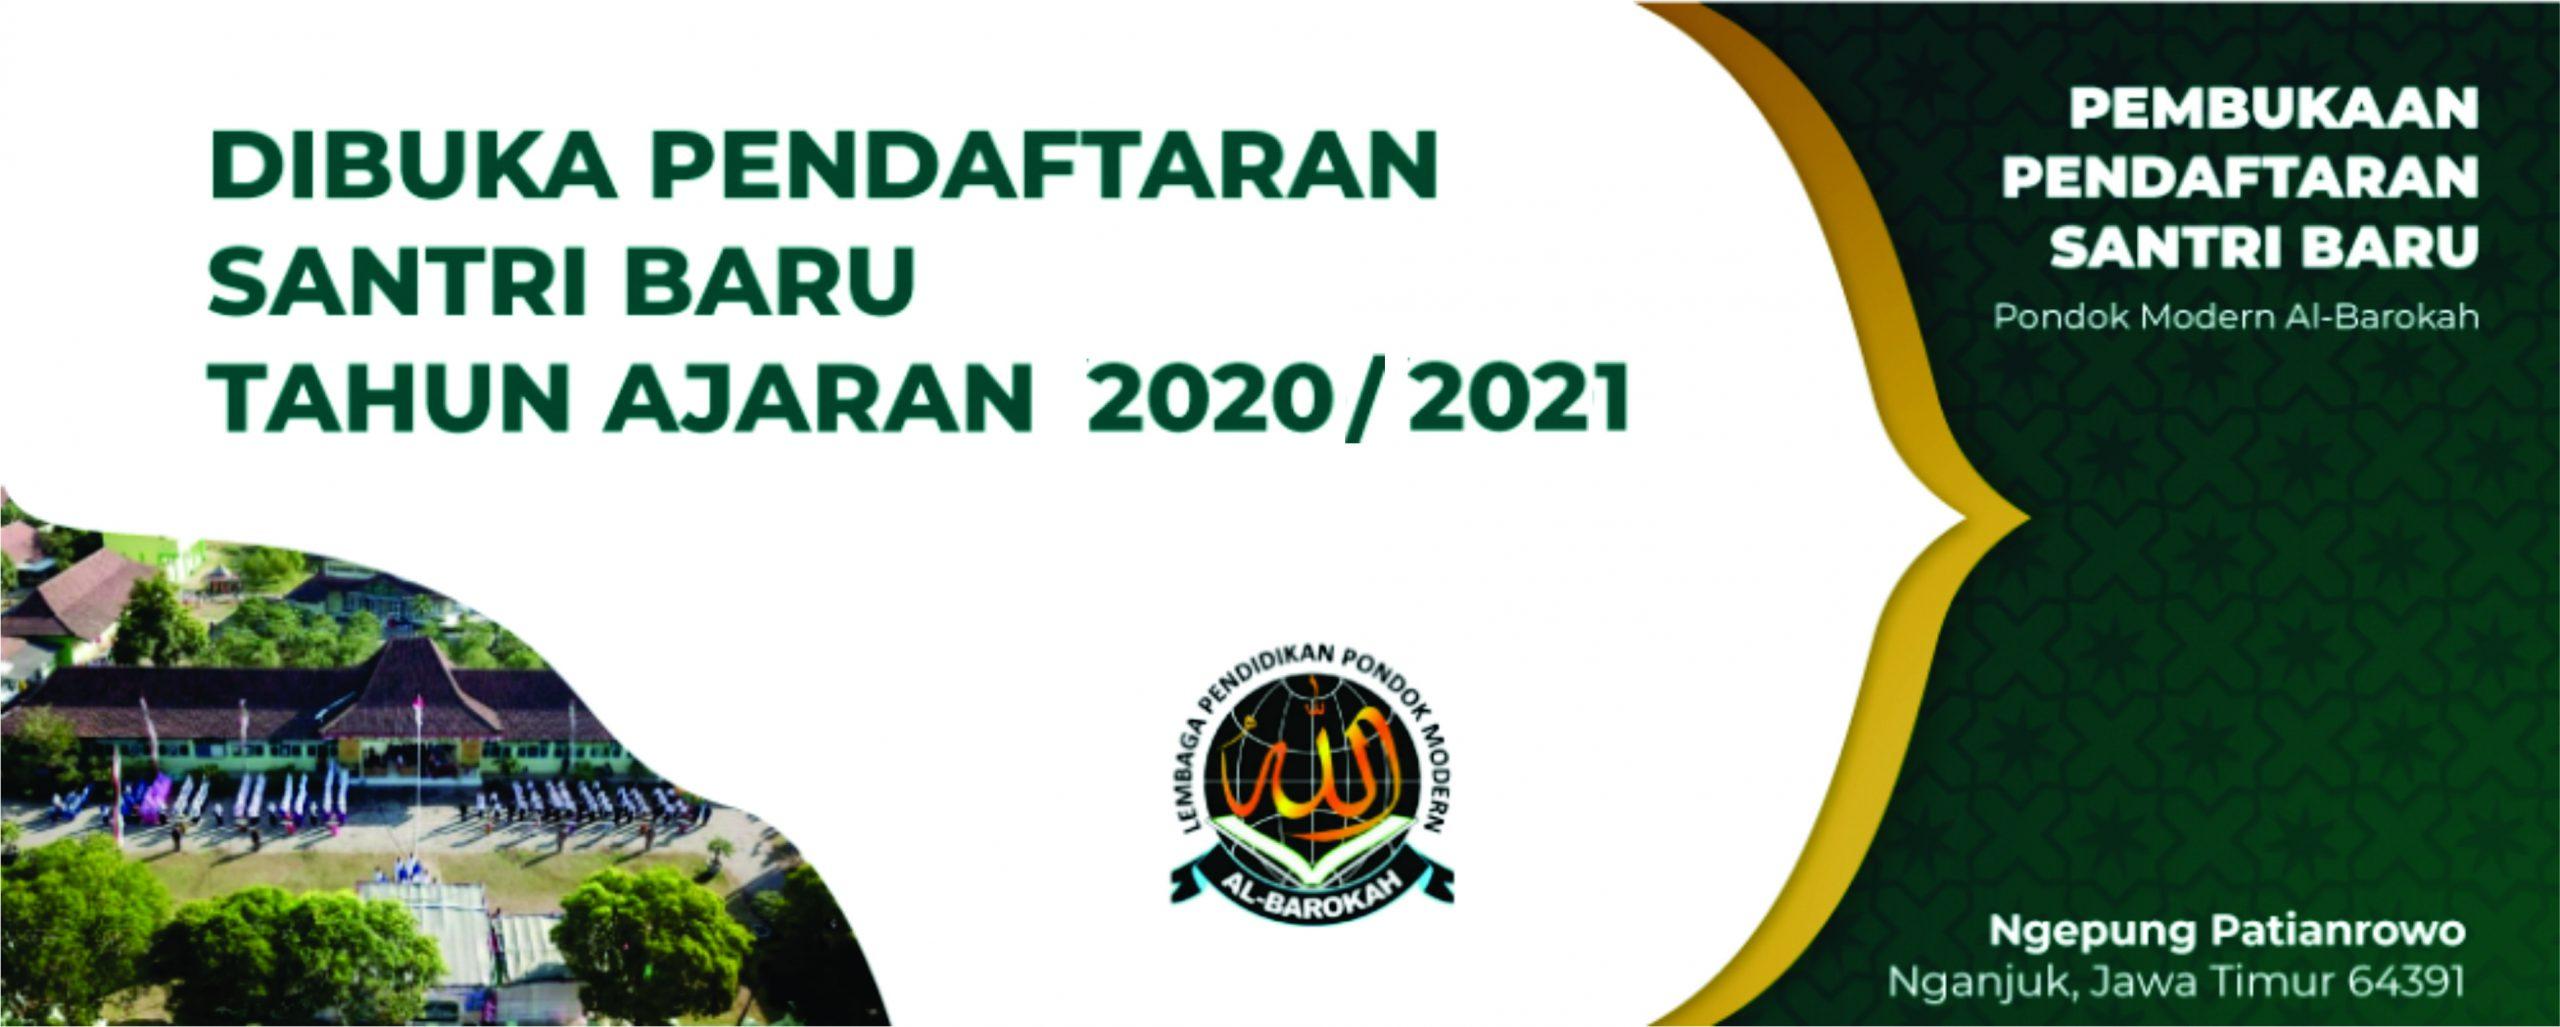 Informasi Pendaftaran Santri Baru